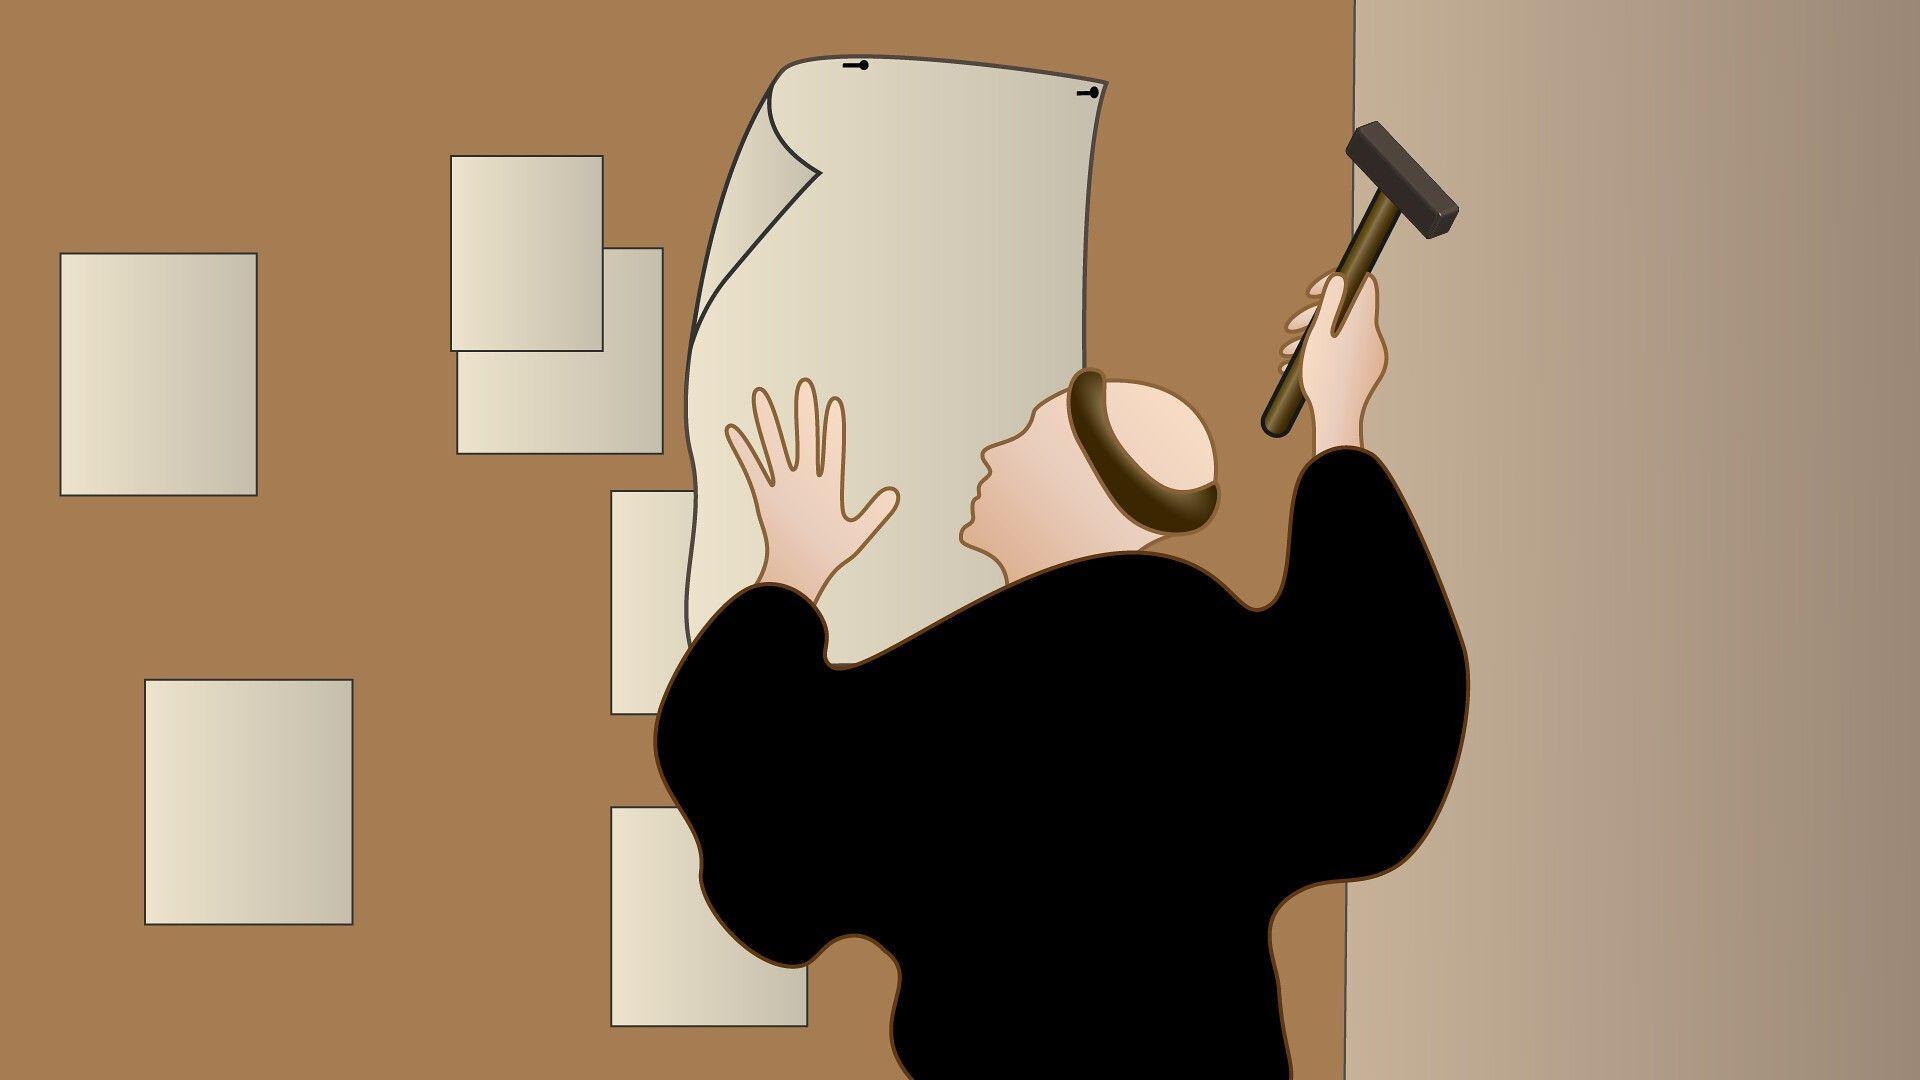 Ilustração: Lutero pregando as 95 teses